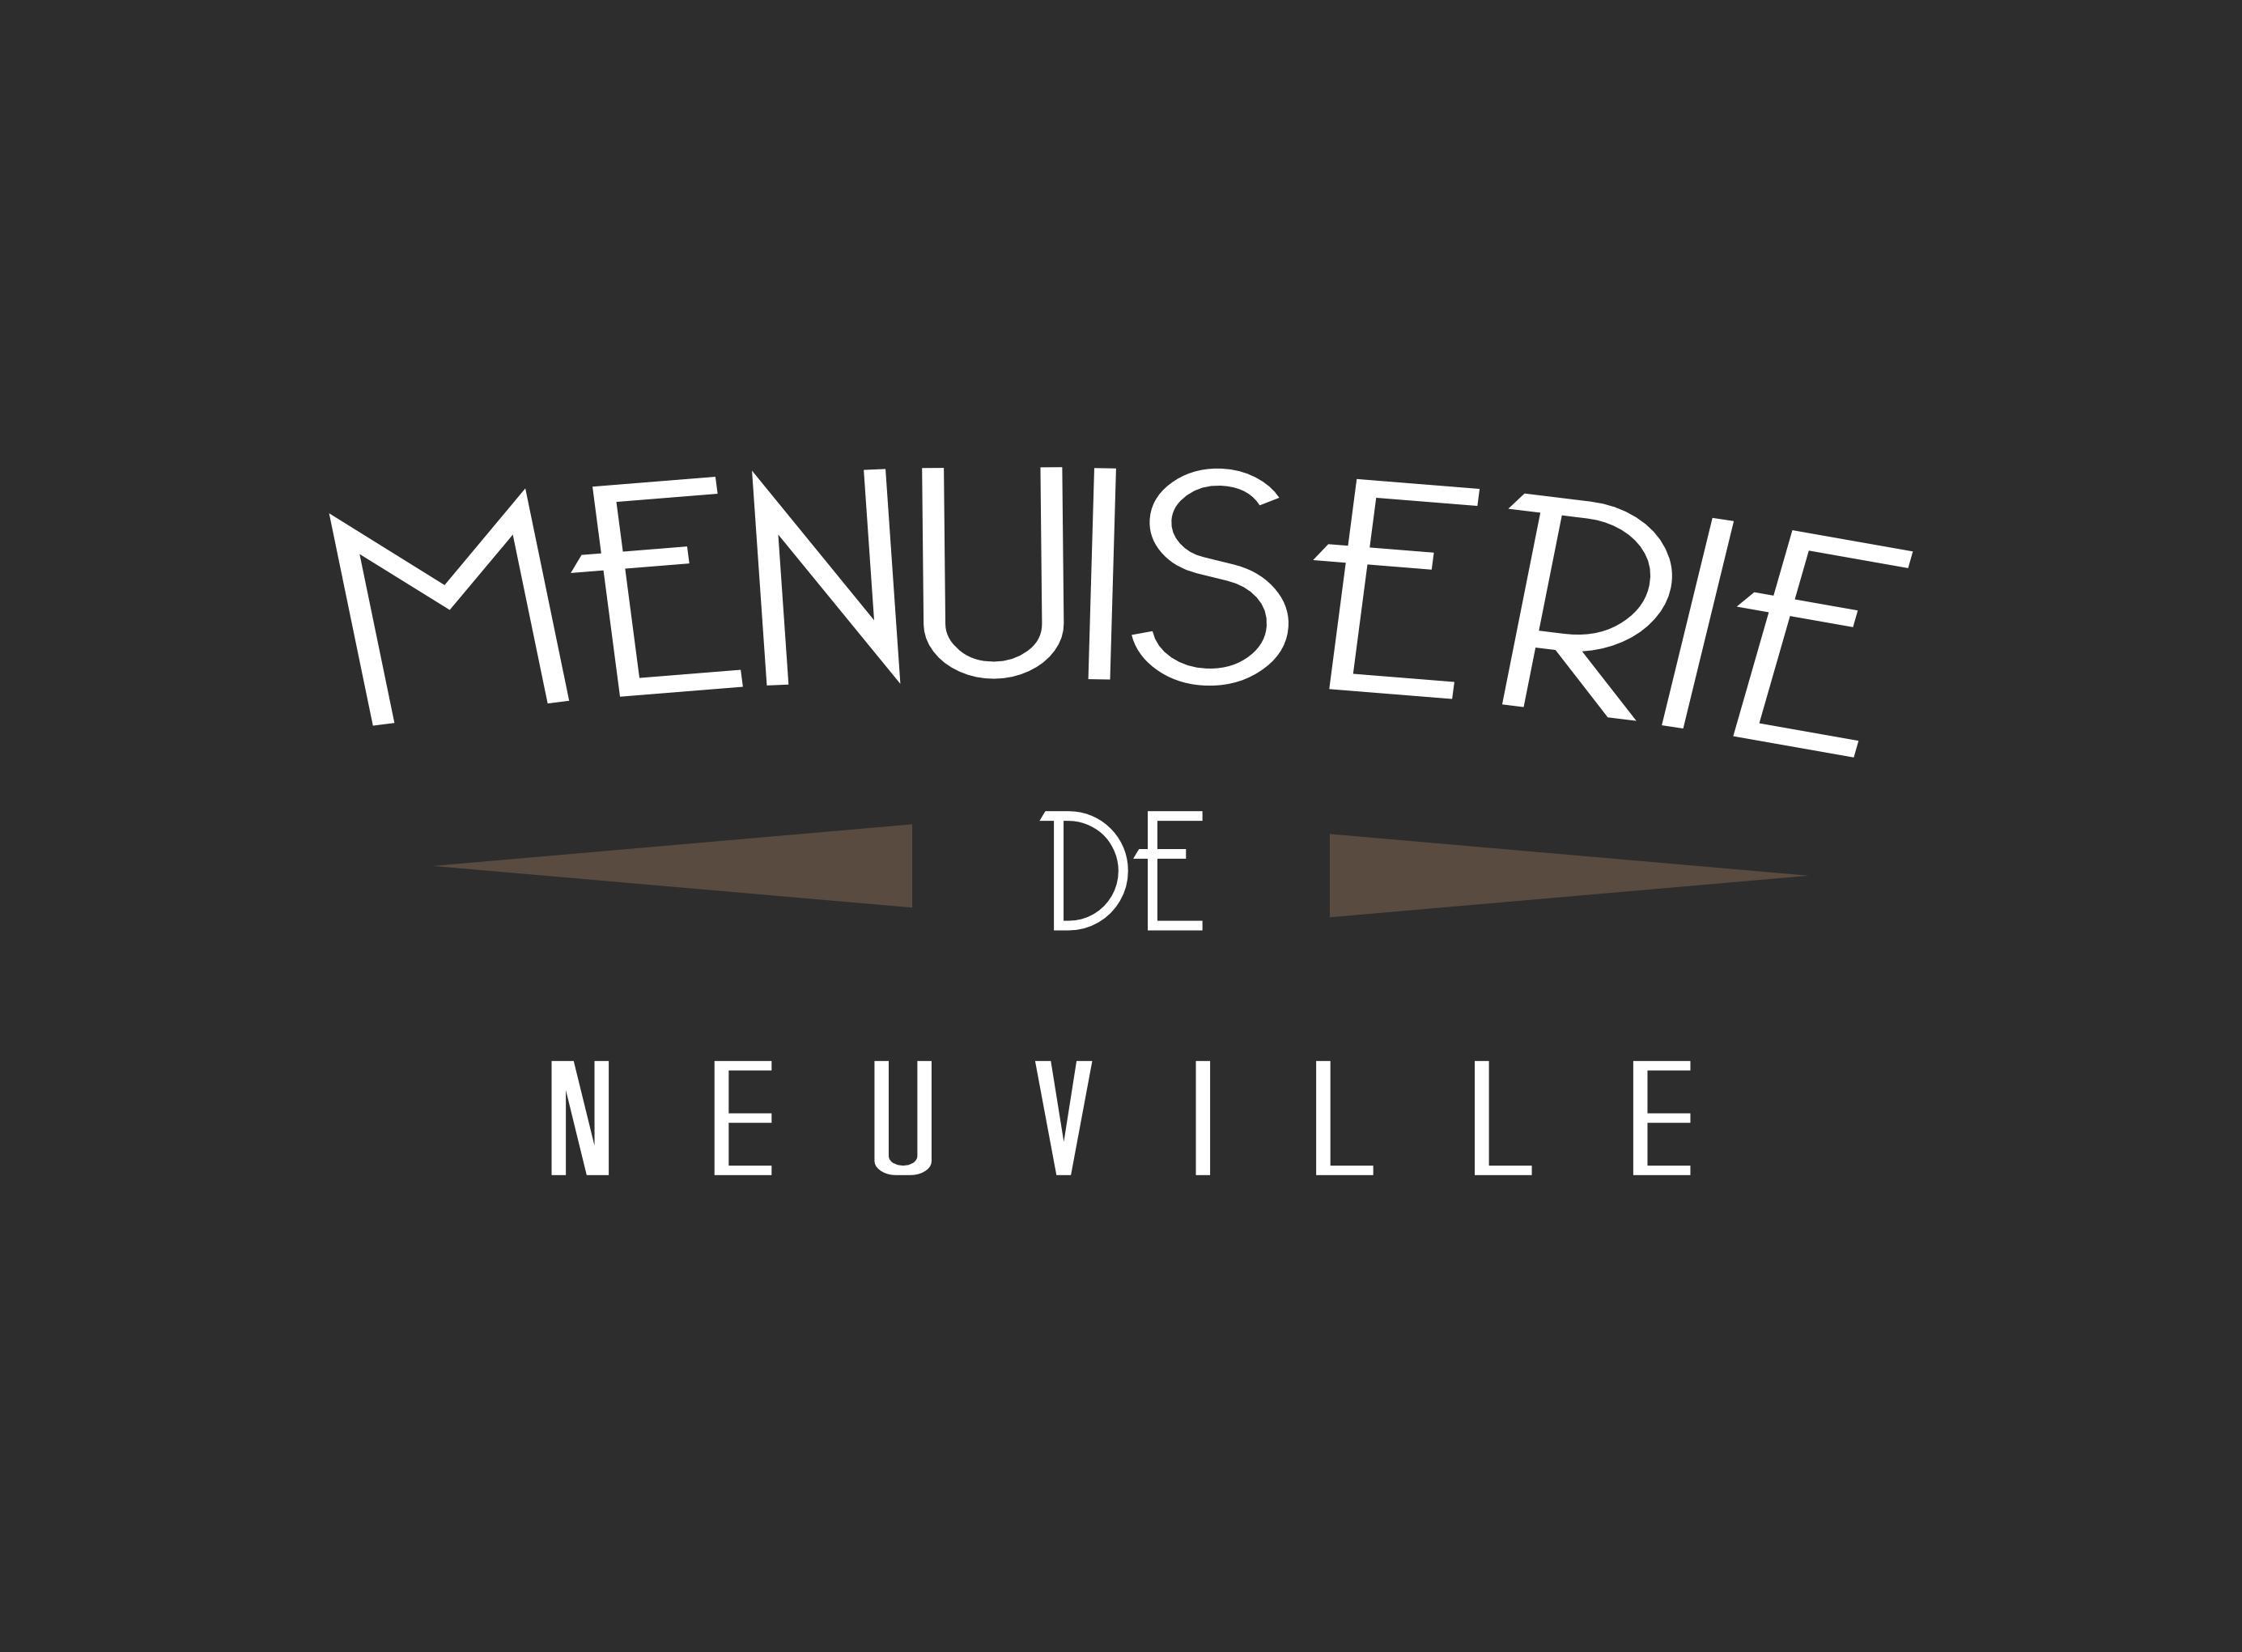 Menuiserie de Neuville - Rénovation Energetique